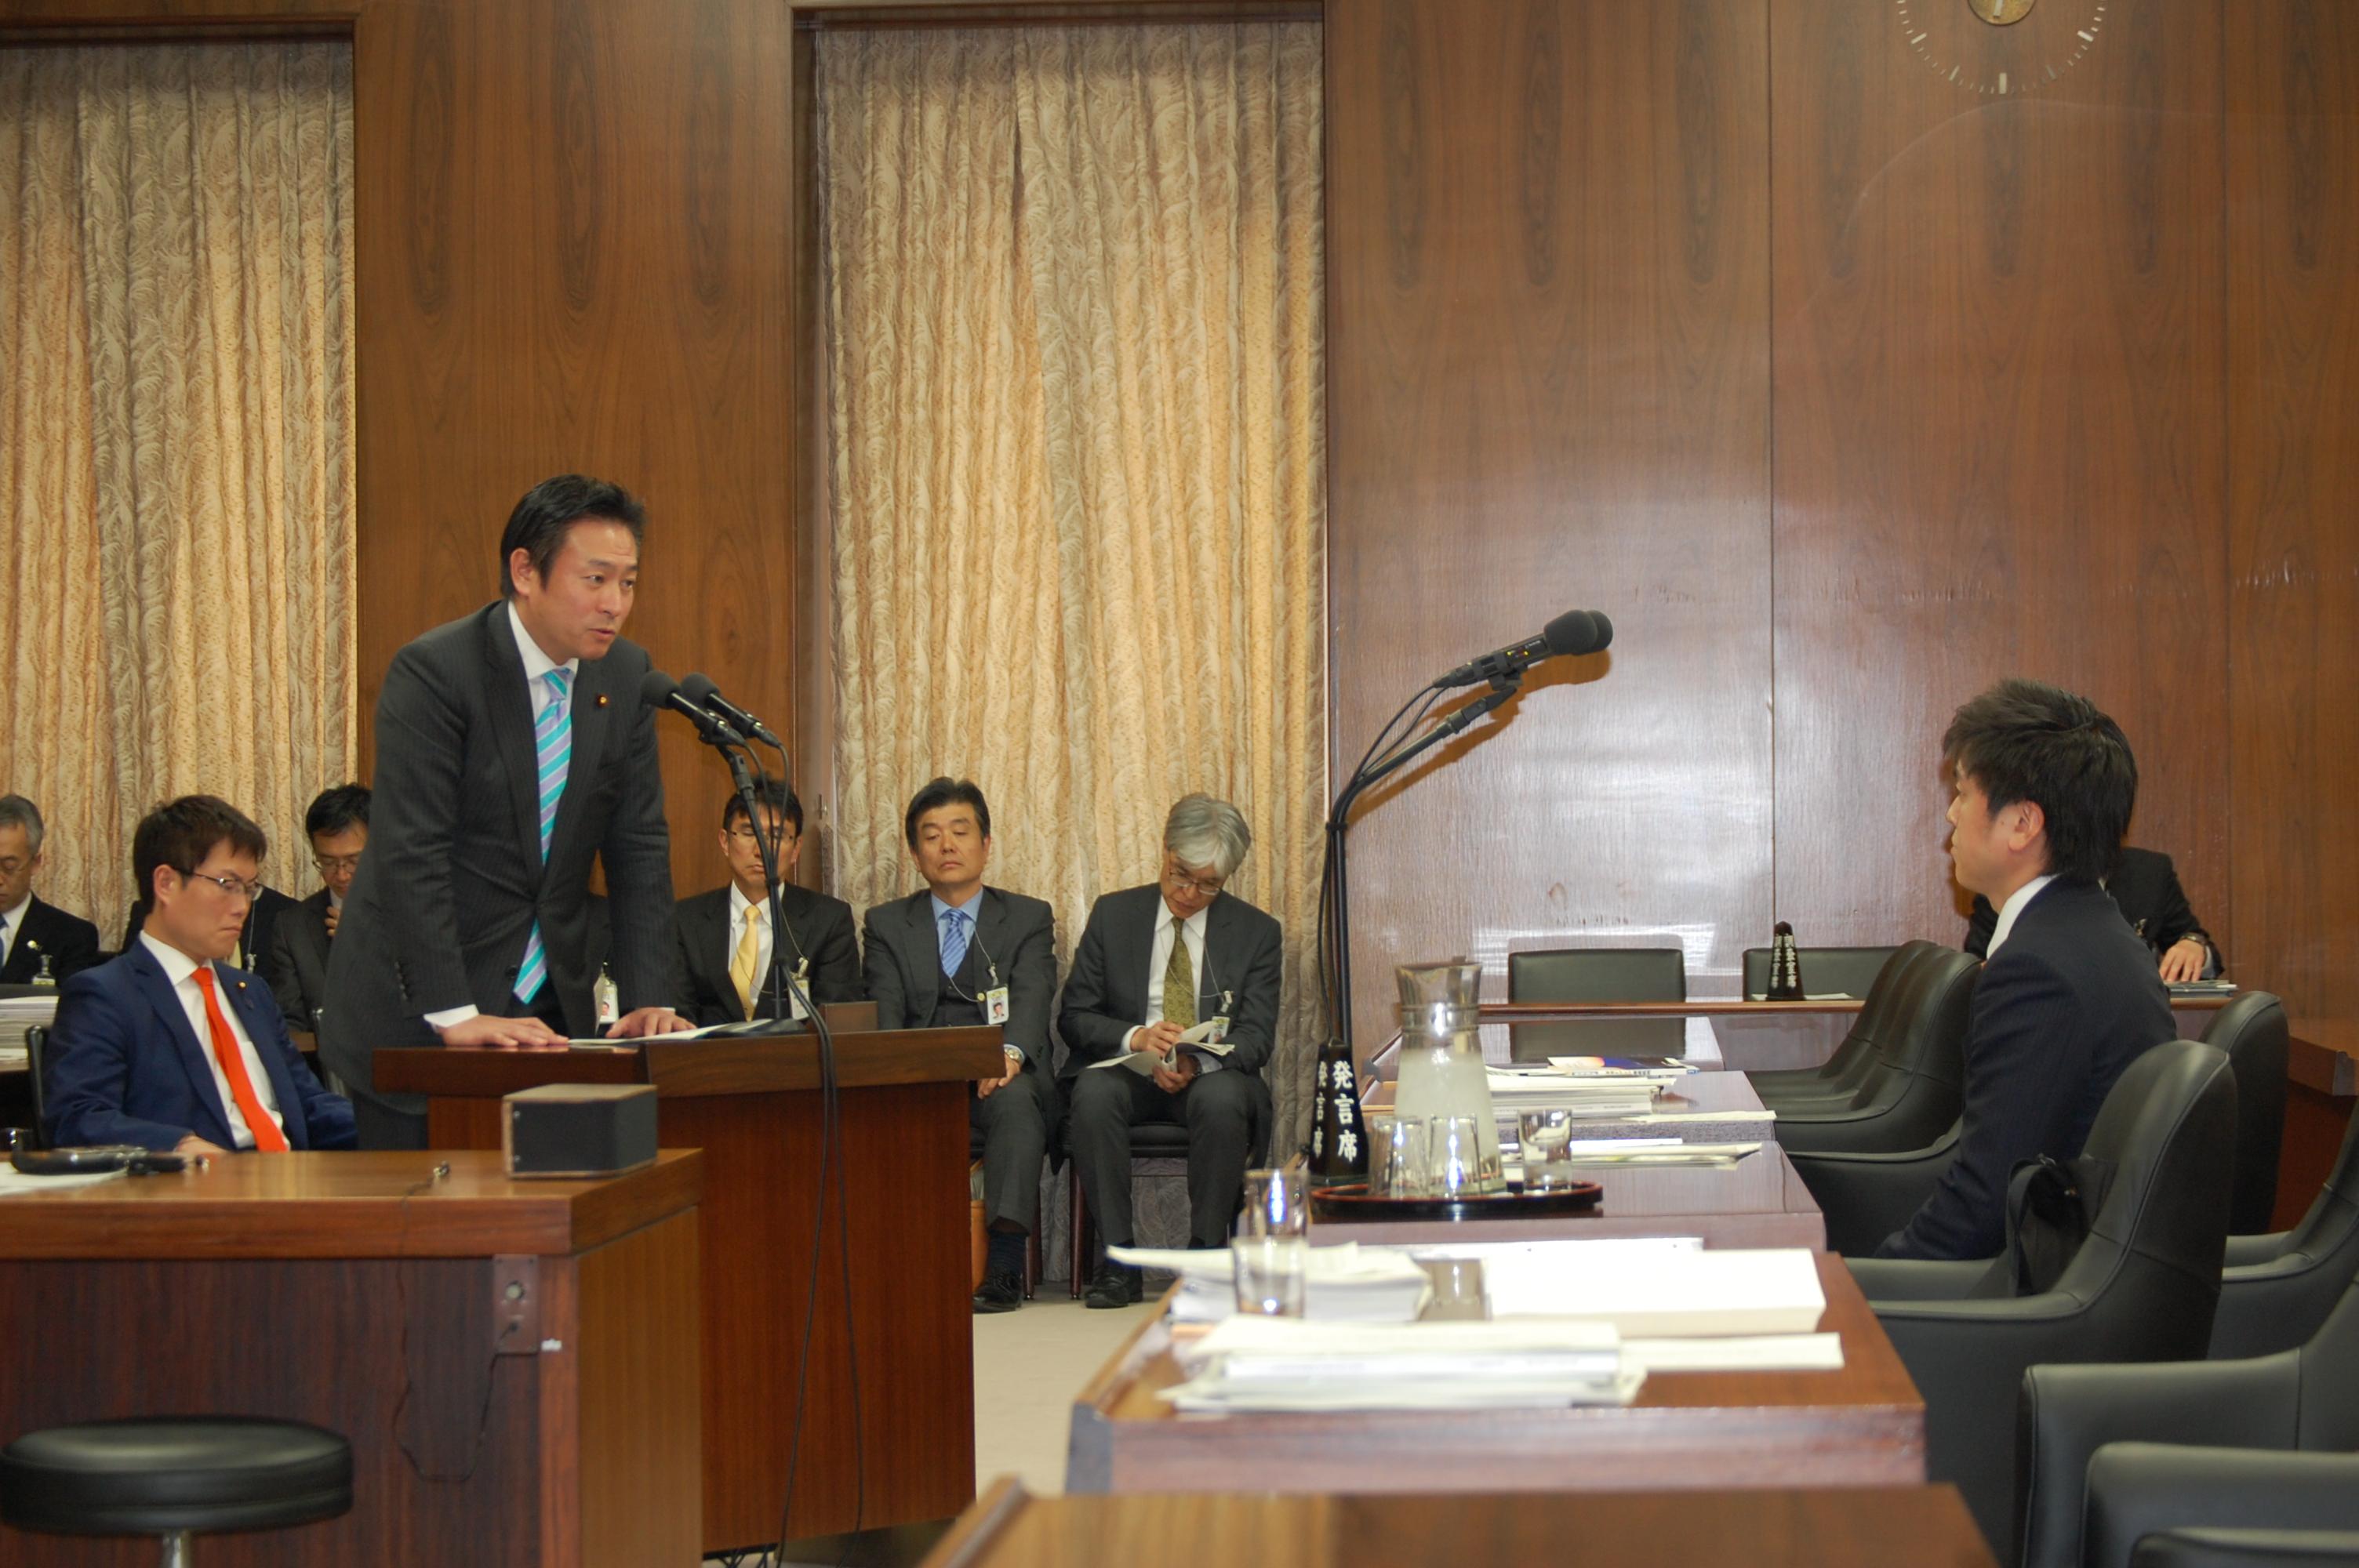 衆院予算委員会 第8分科会(2018/2/23)1